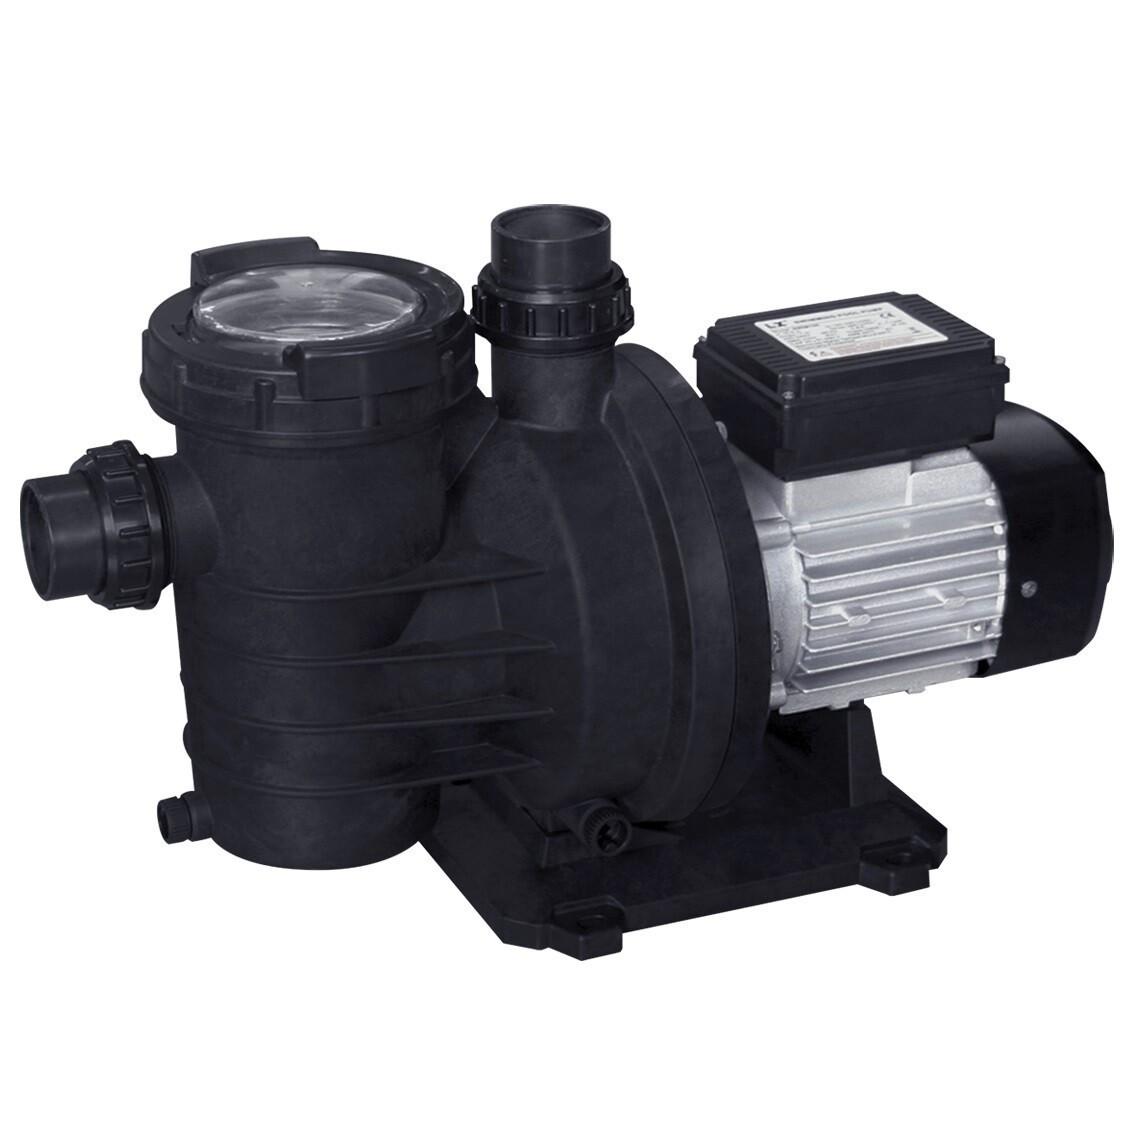 Насос AquaViva LX SWIM050T 12 м3/год (1HP, 380В)